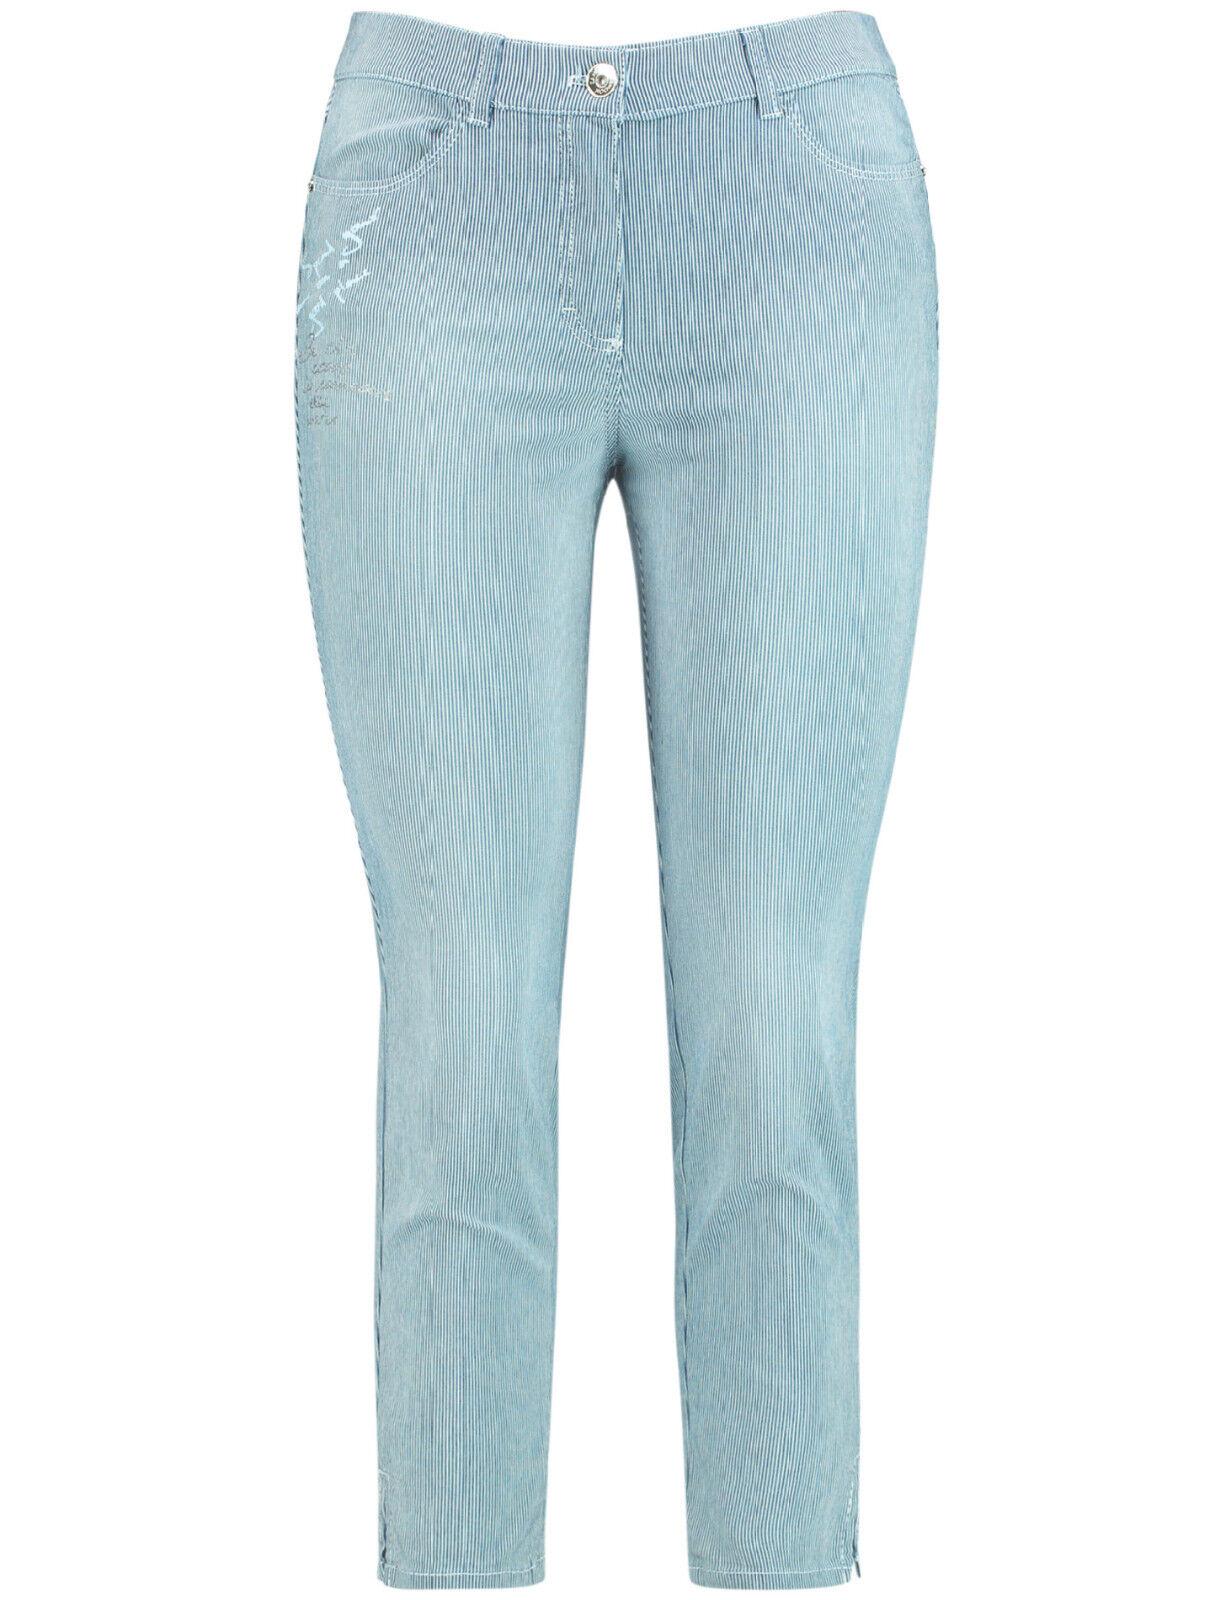 Samoon leichte 7 8 Jeans Hose Betty by Gerry Weber mit Streifen Neu Damen Gr.52